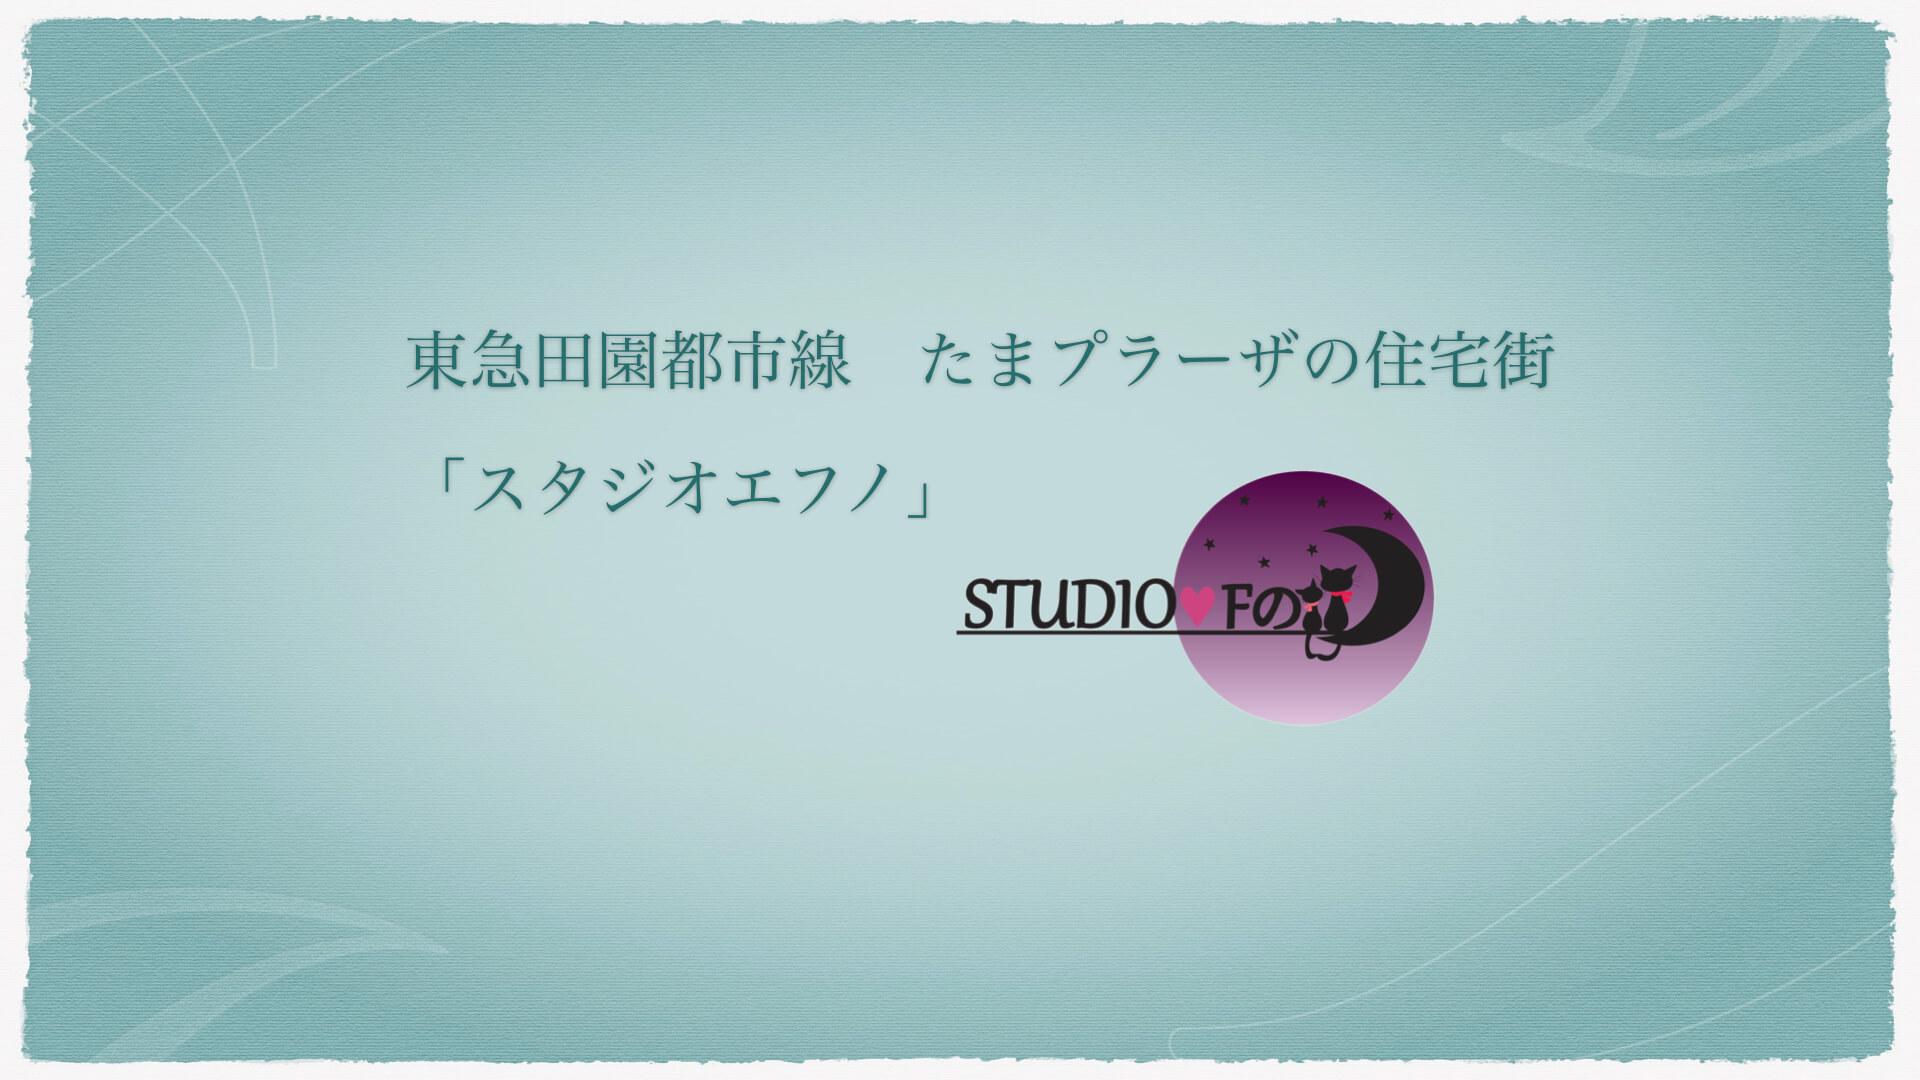 たまプラーザヨガ「スタジオエフノ」